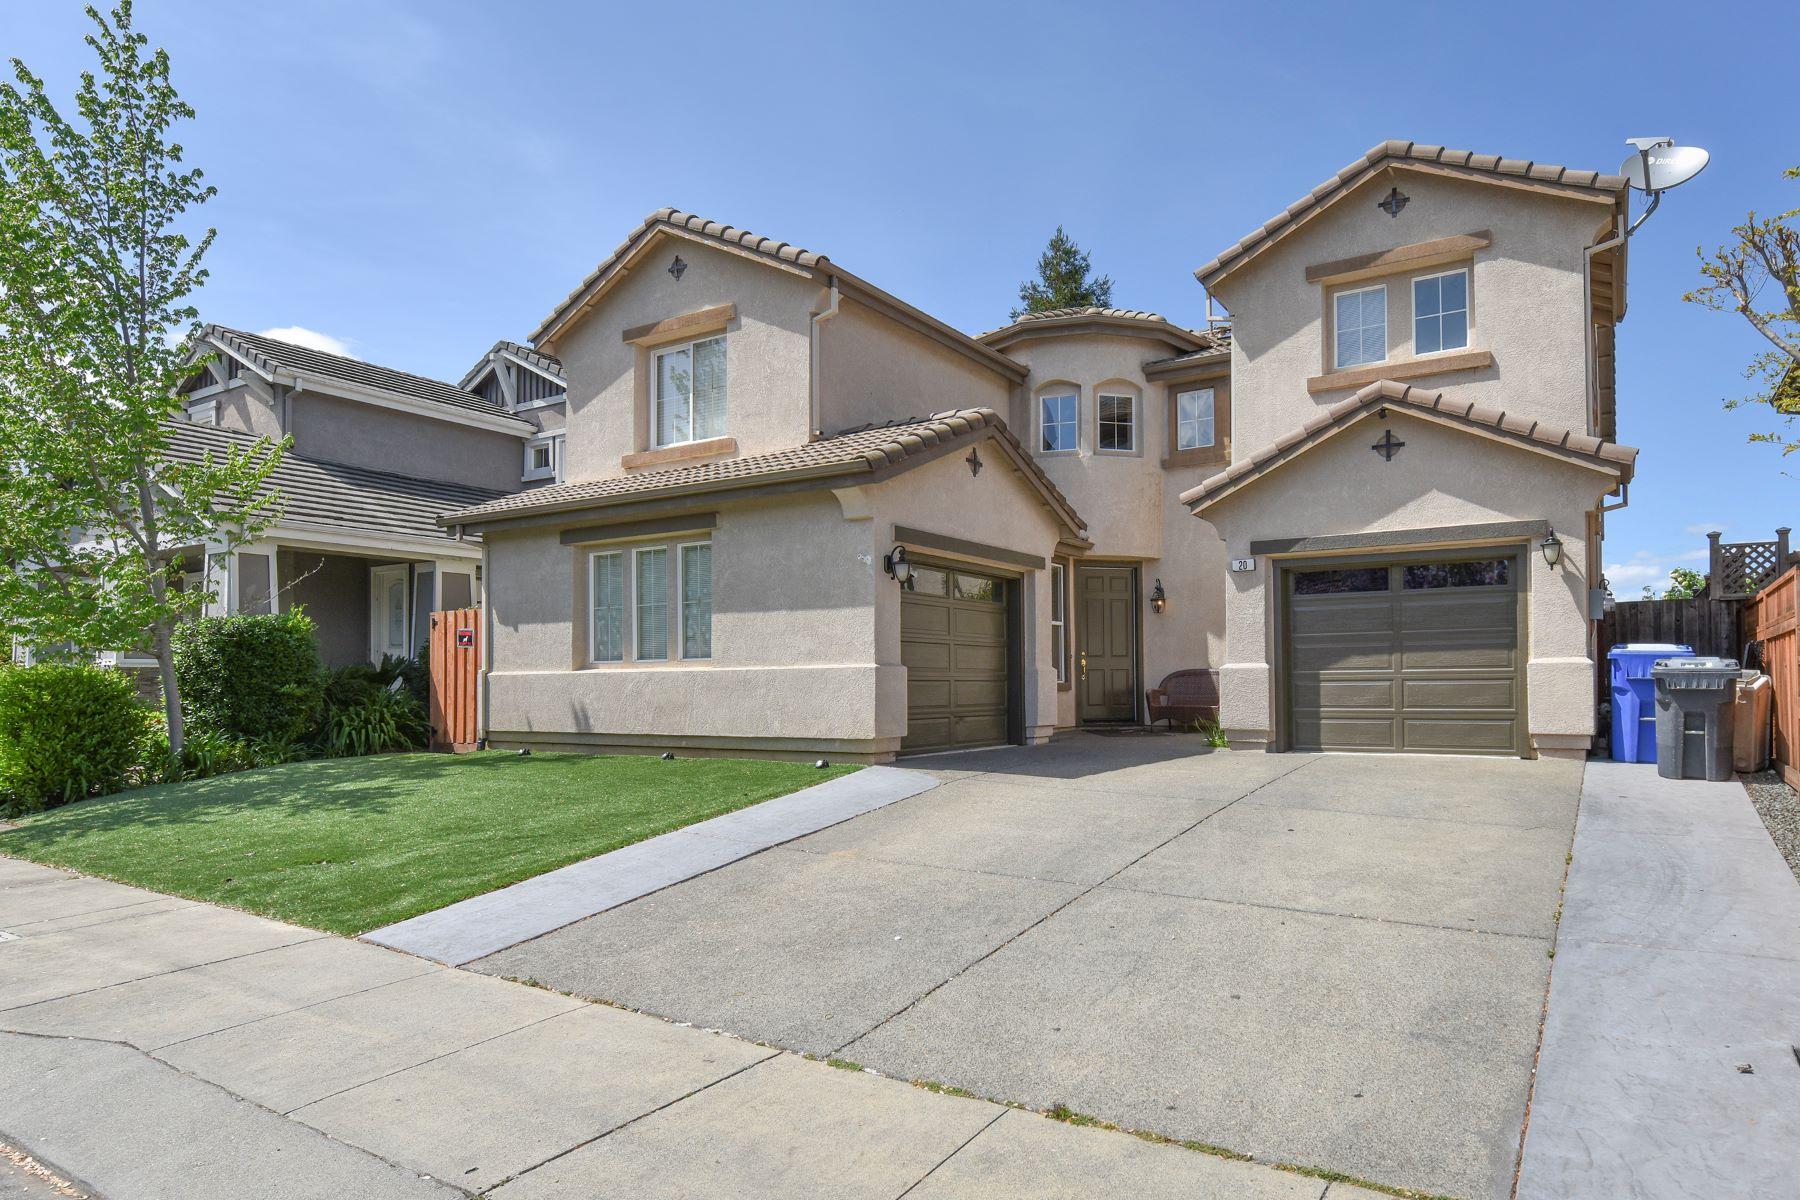 Moradia para Venda às A Spacious and Elegant Home with an Open Floor Plan 20 Blackberry Drive Napa, Califórnia, 94558 Estados Unidos